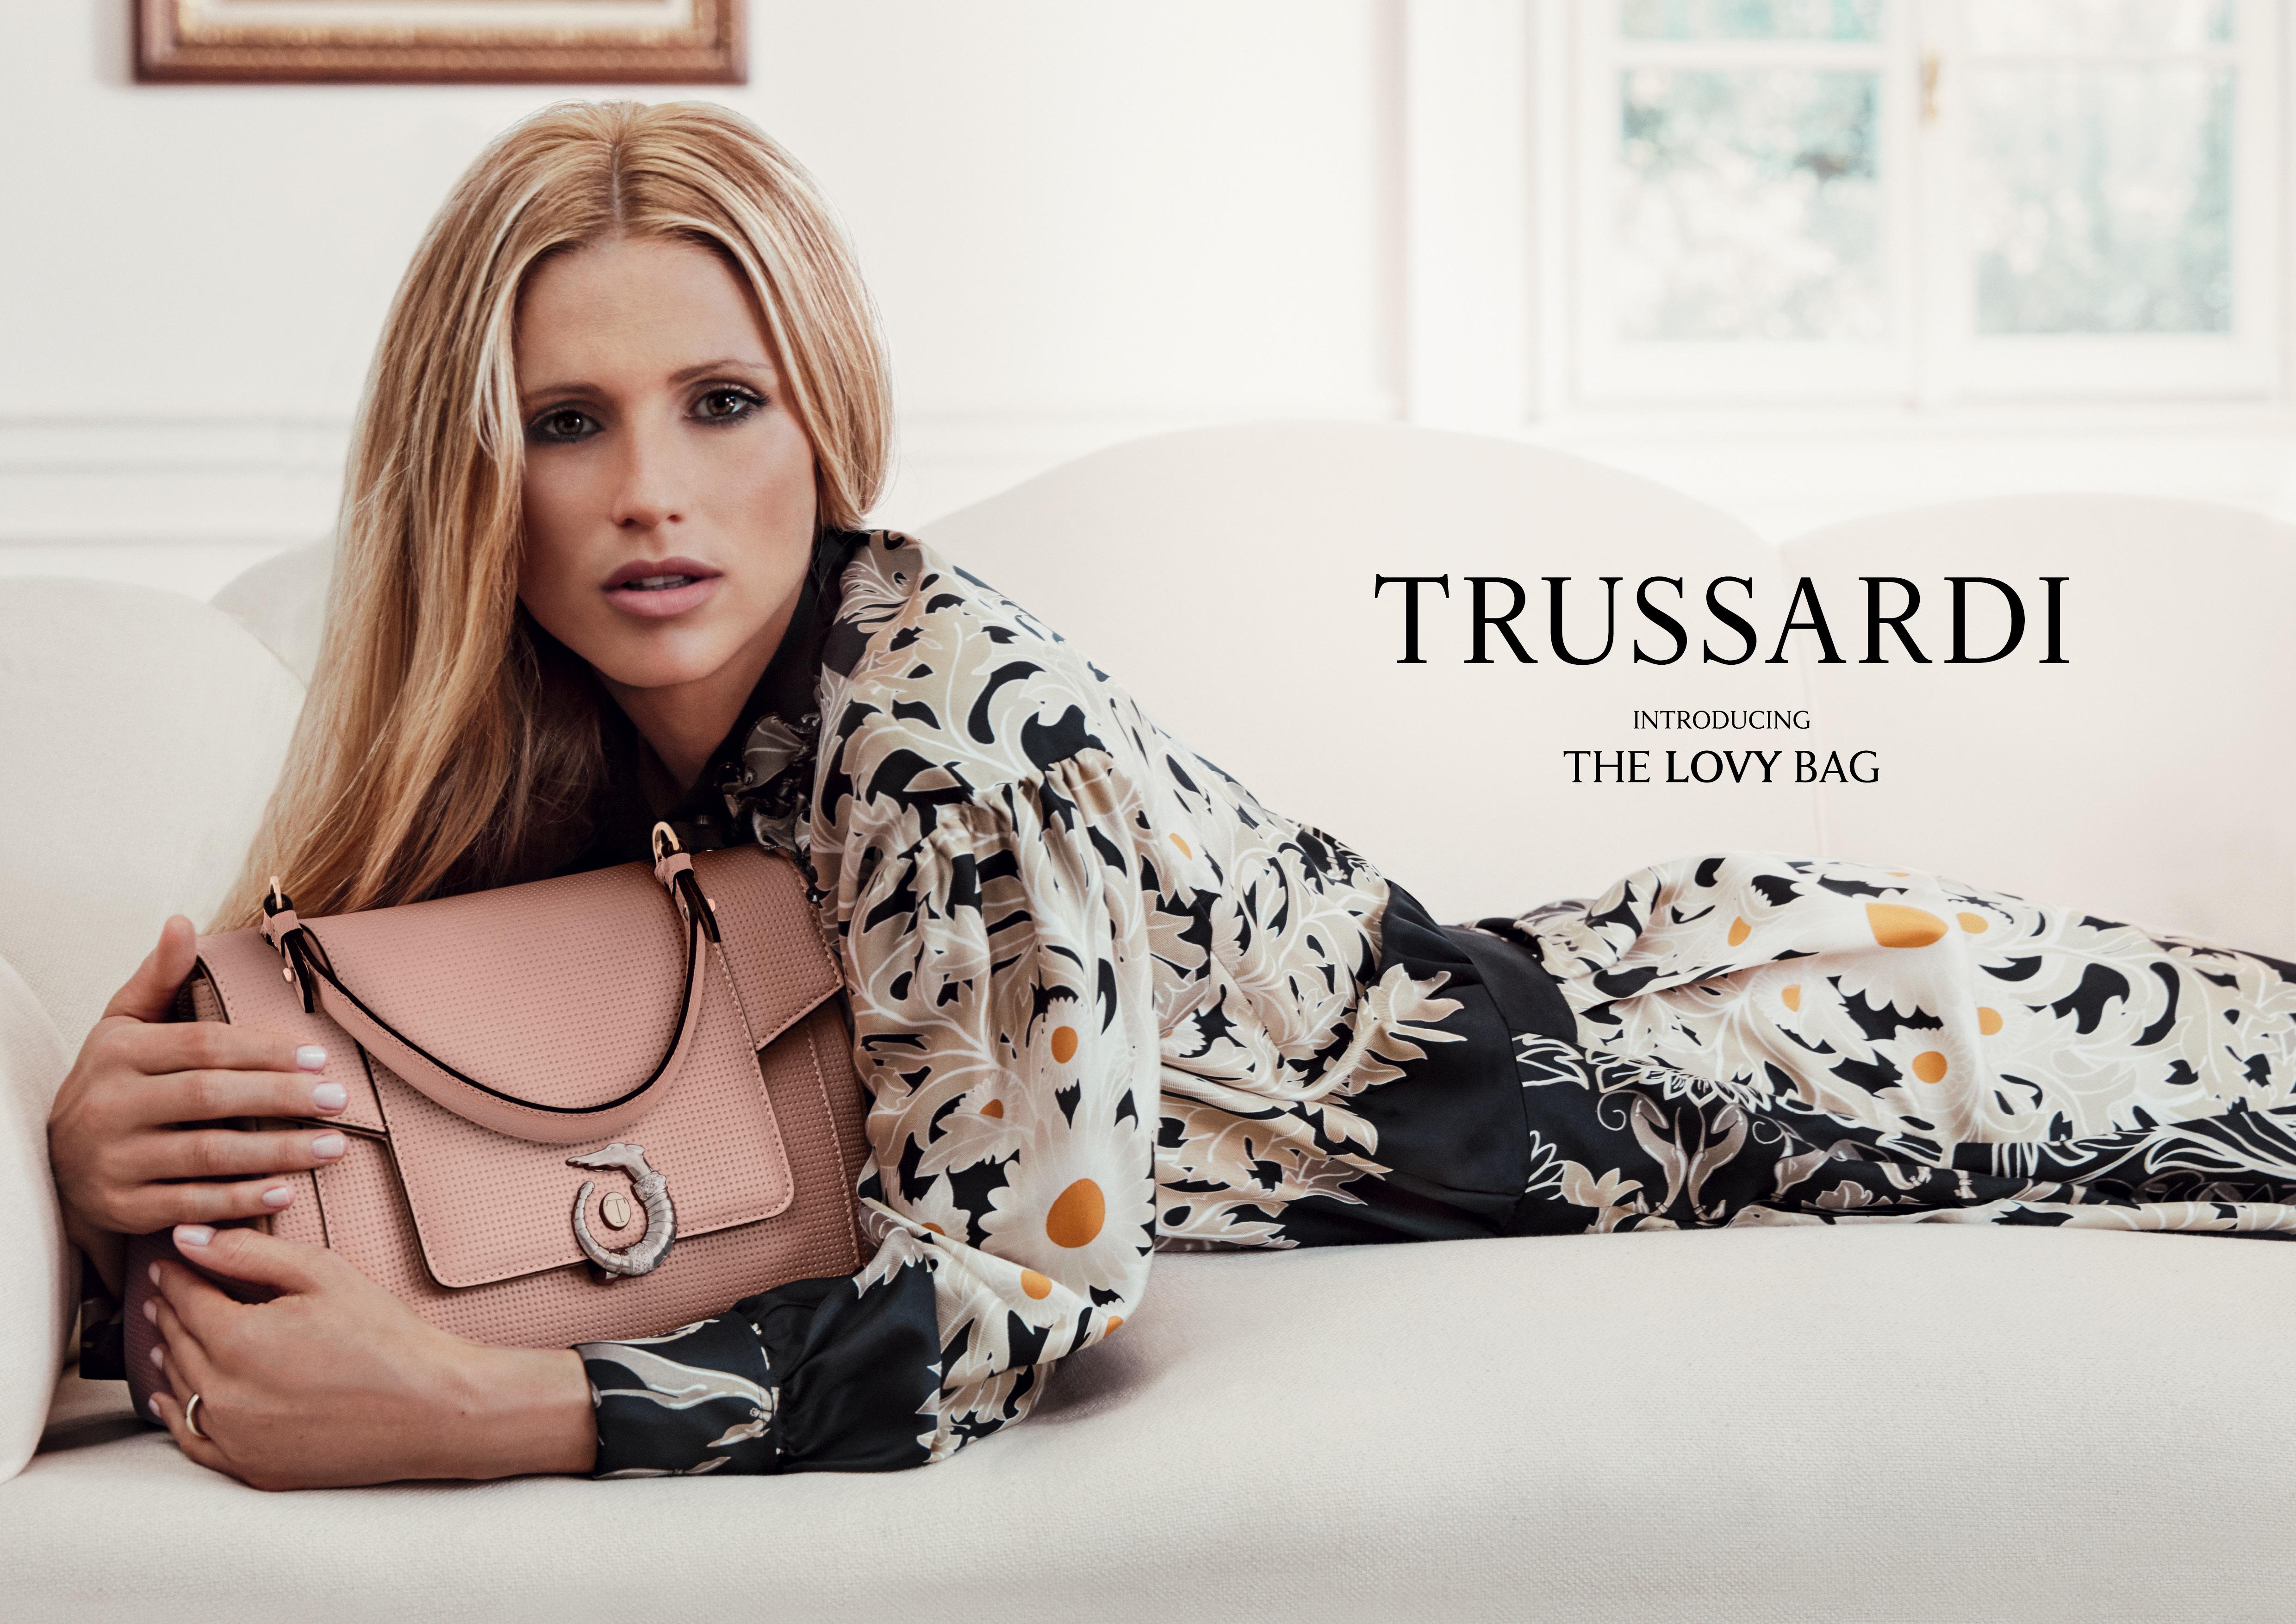 c5eba5ec81 L'attrice, conduttrice, showgirl e moglie di Tomaso Trussardi è stata  scelta della Maison per interpretare la Lovy Bag, nuova borsa iconica  firmata ...